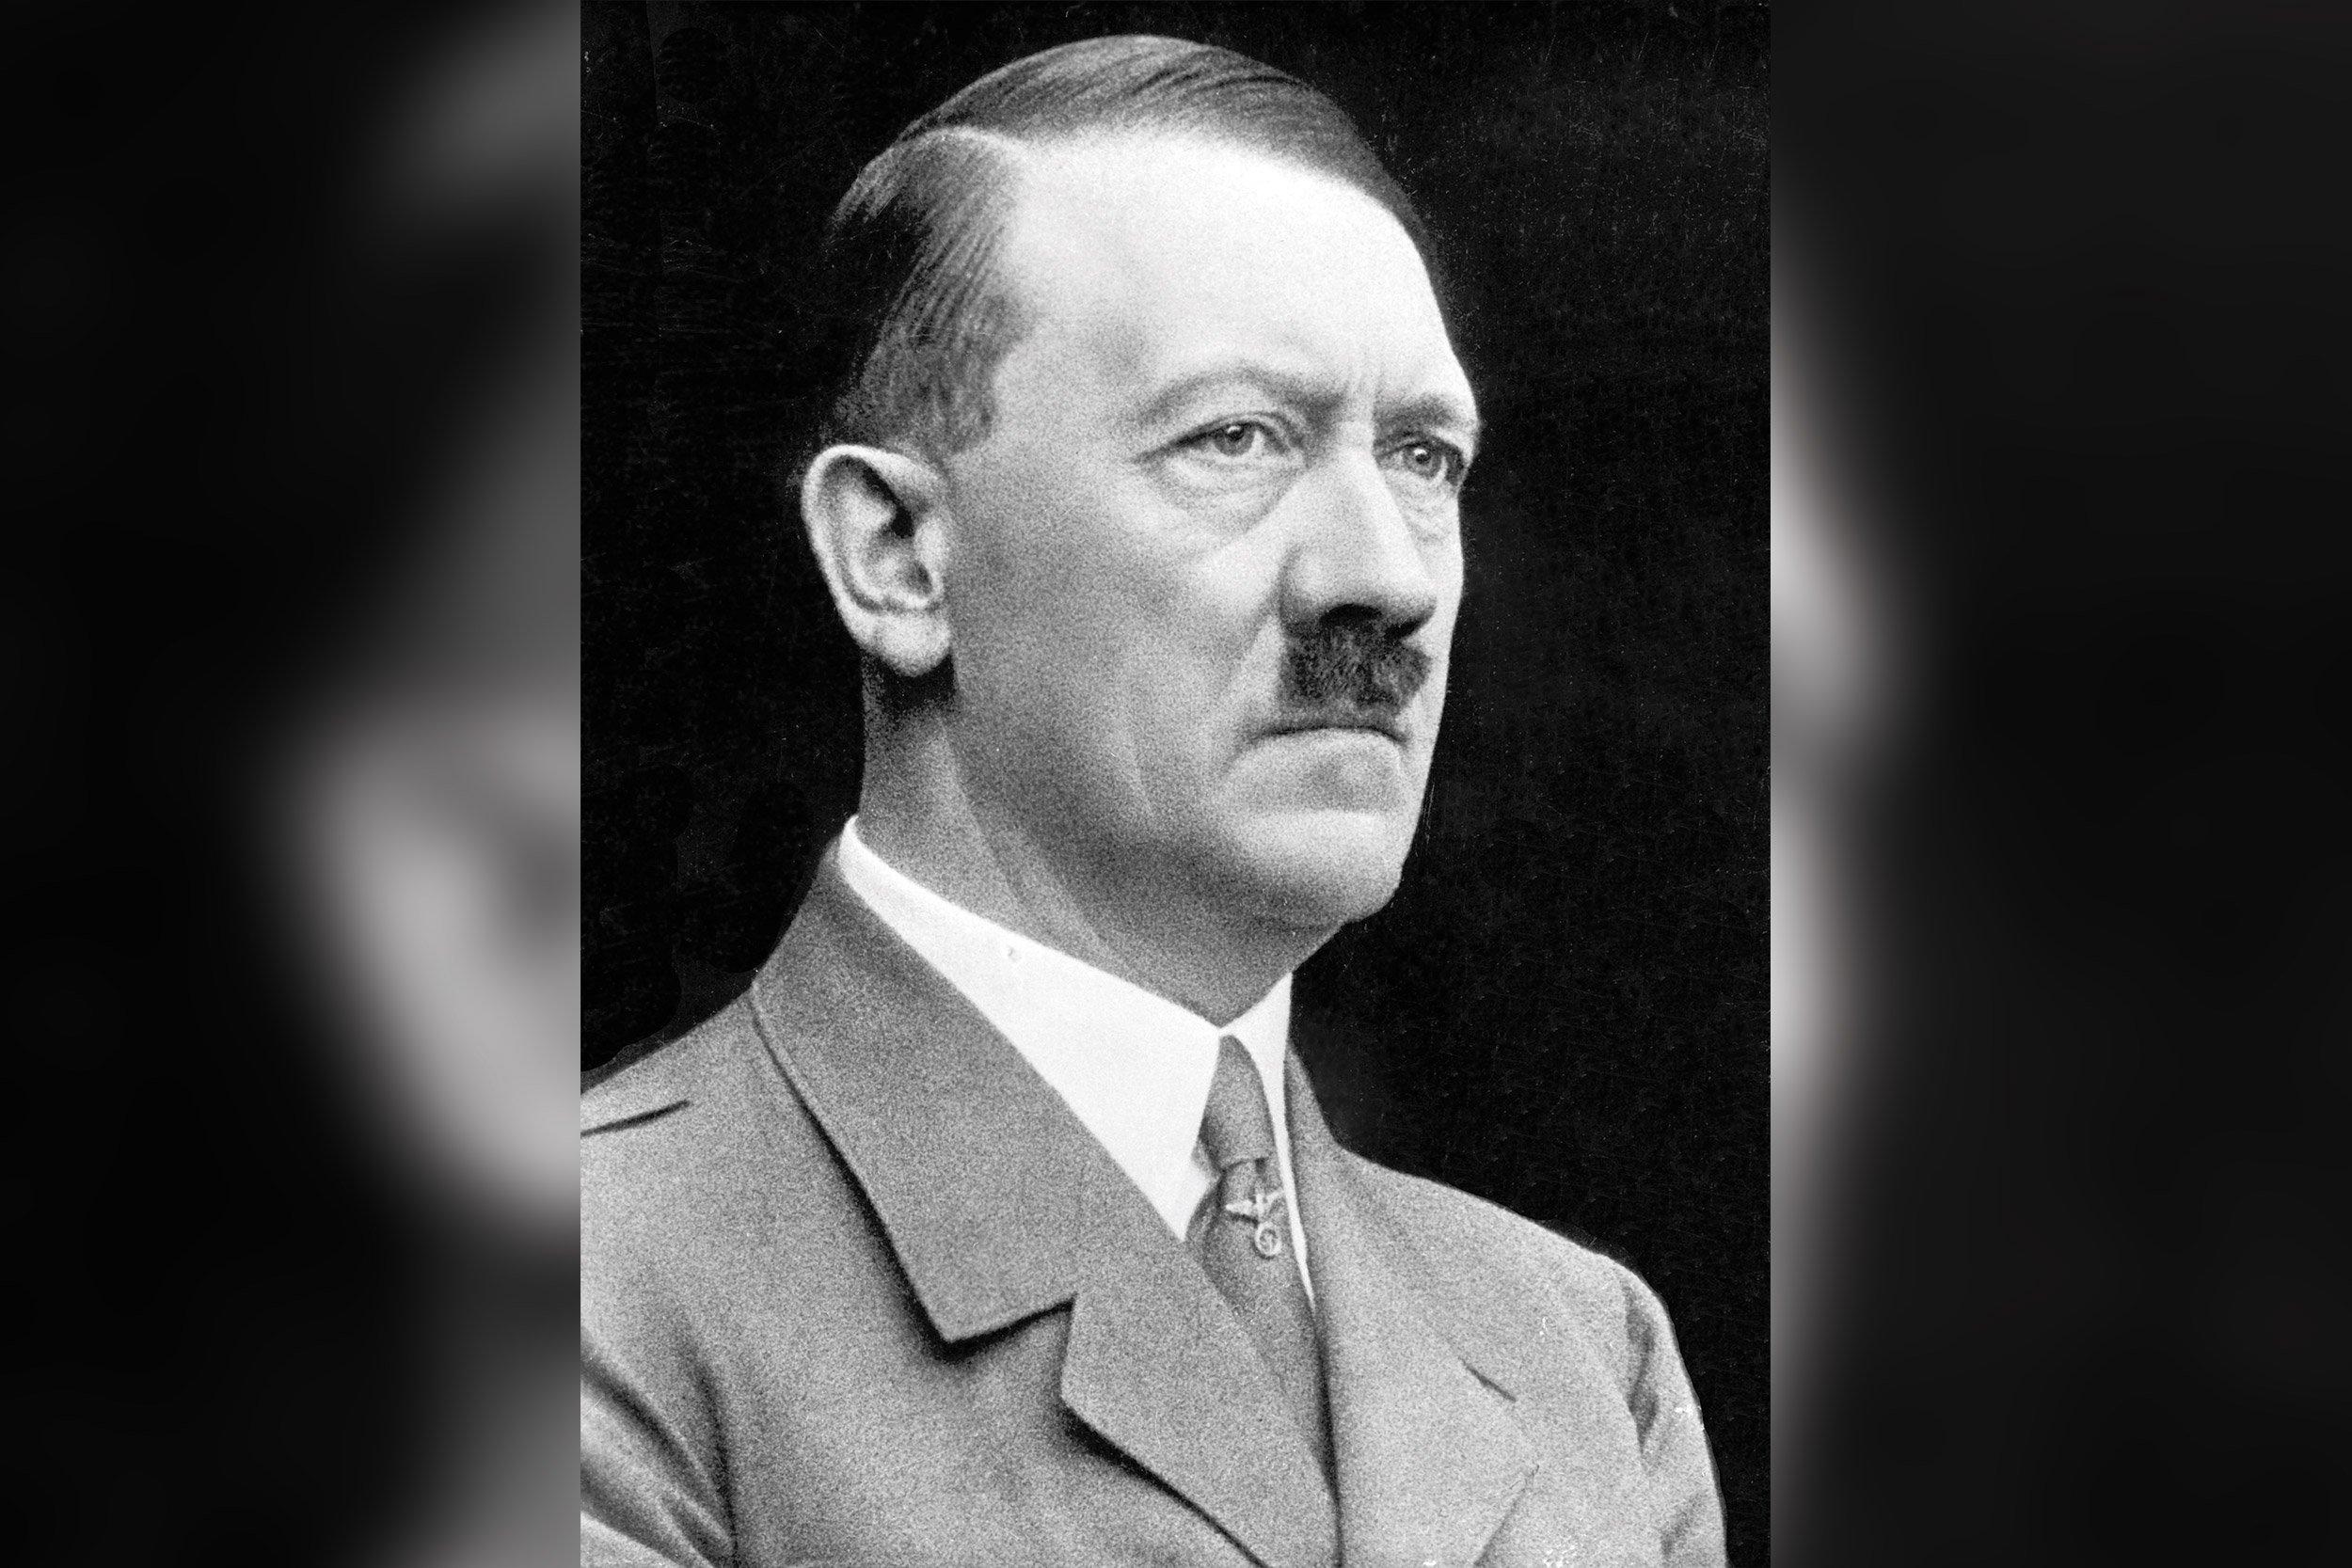 06_19_Hitler_01